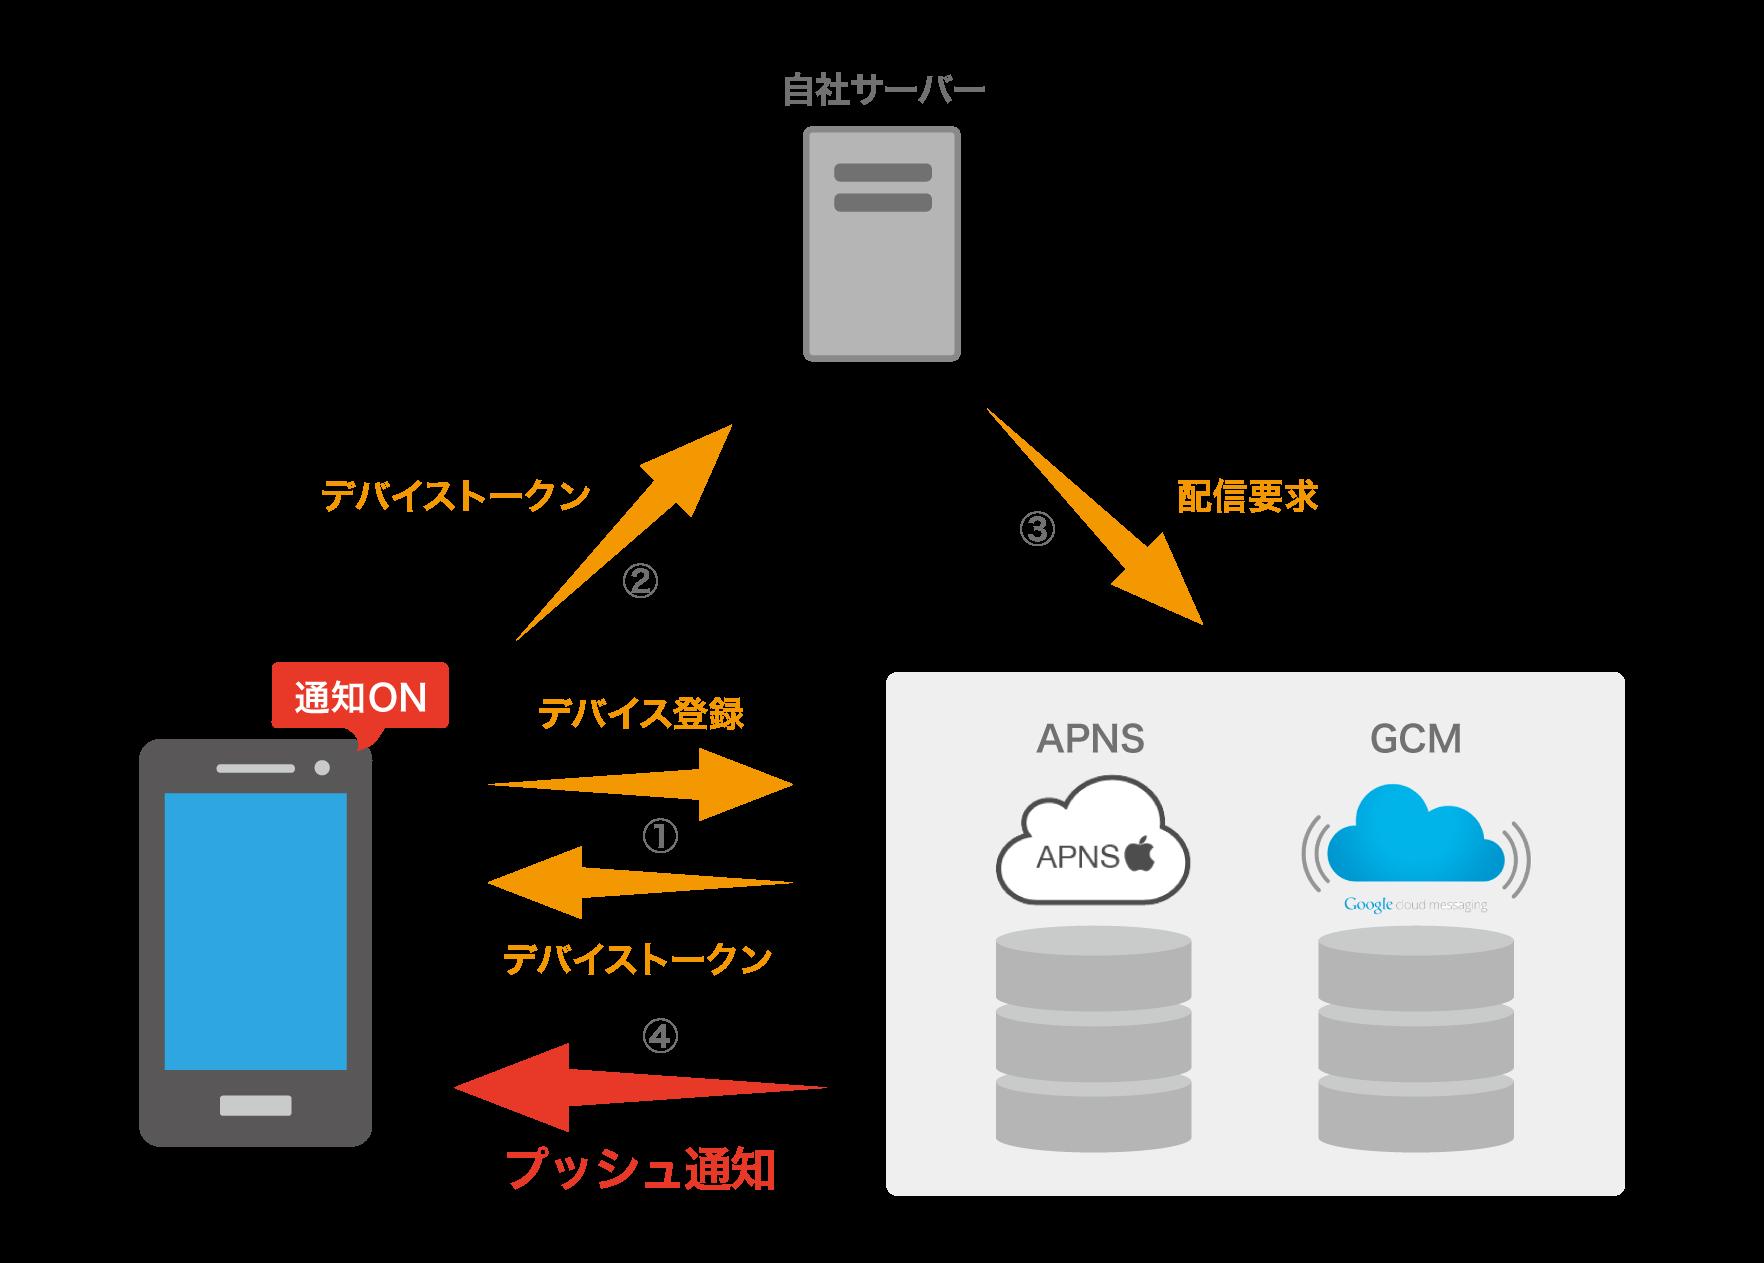 プッシュ通知の仕組み サービス開発者のためのプッシュ通知サービス